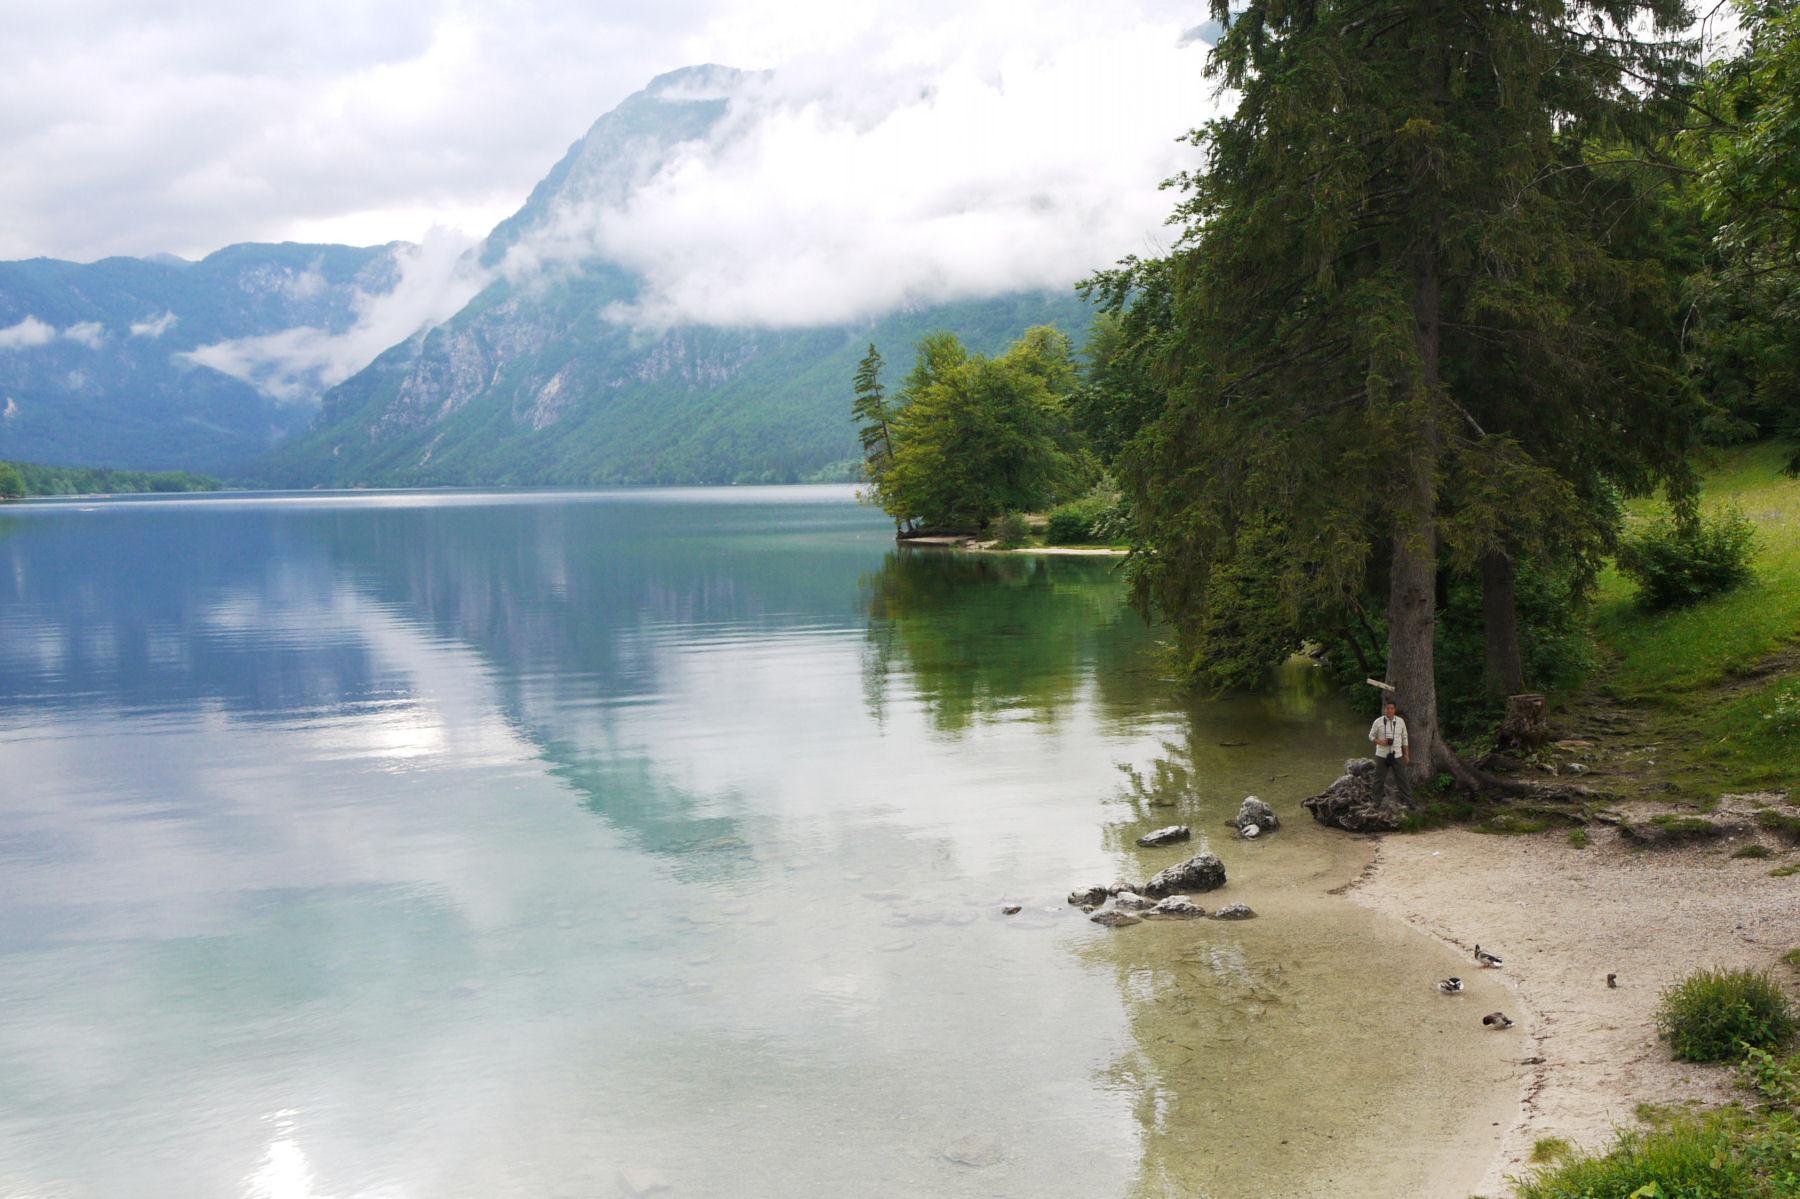 Pristine and calm Lake Bohinj